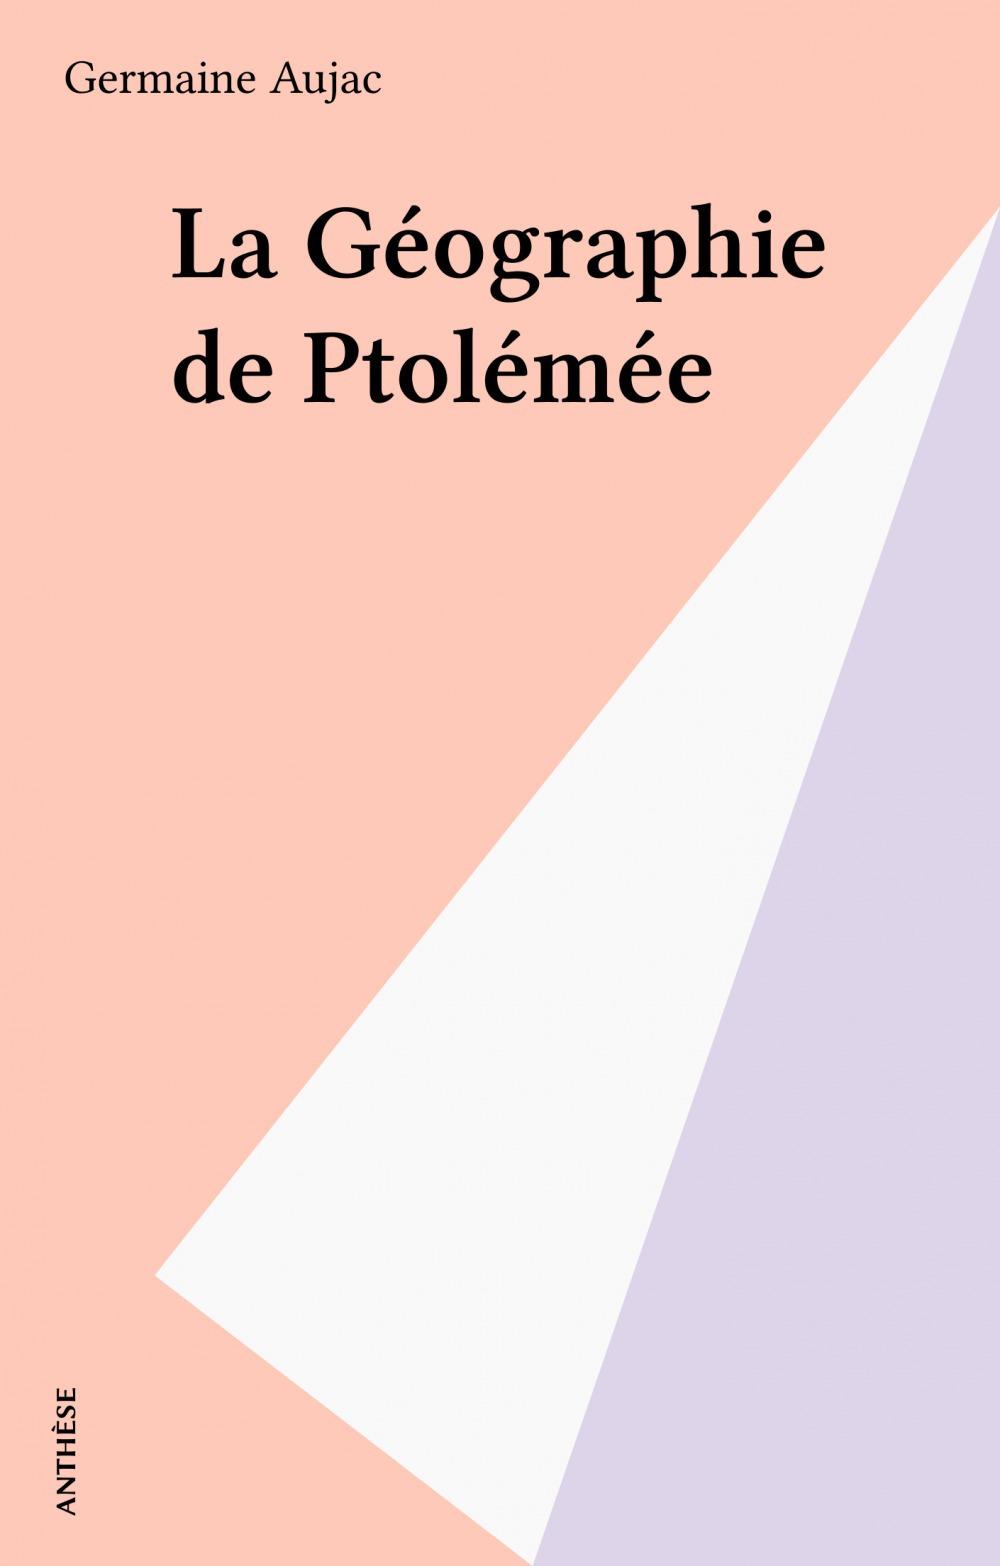 La geographie de ptolemee